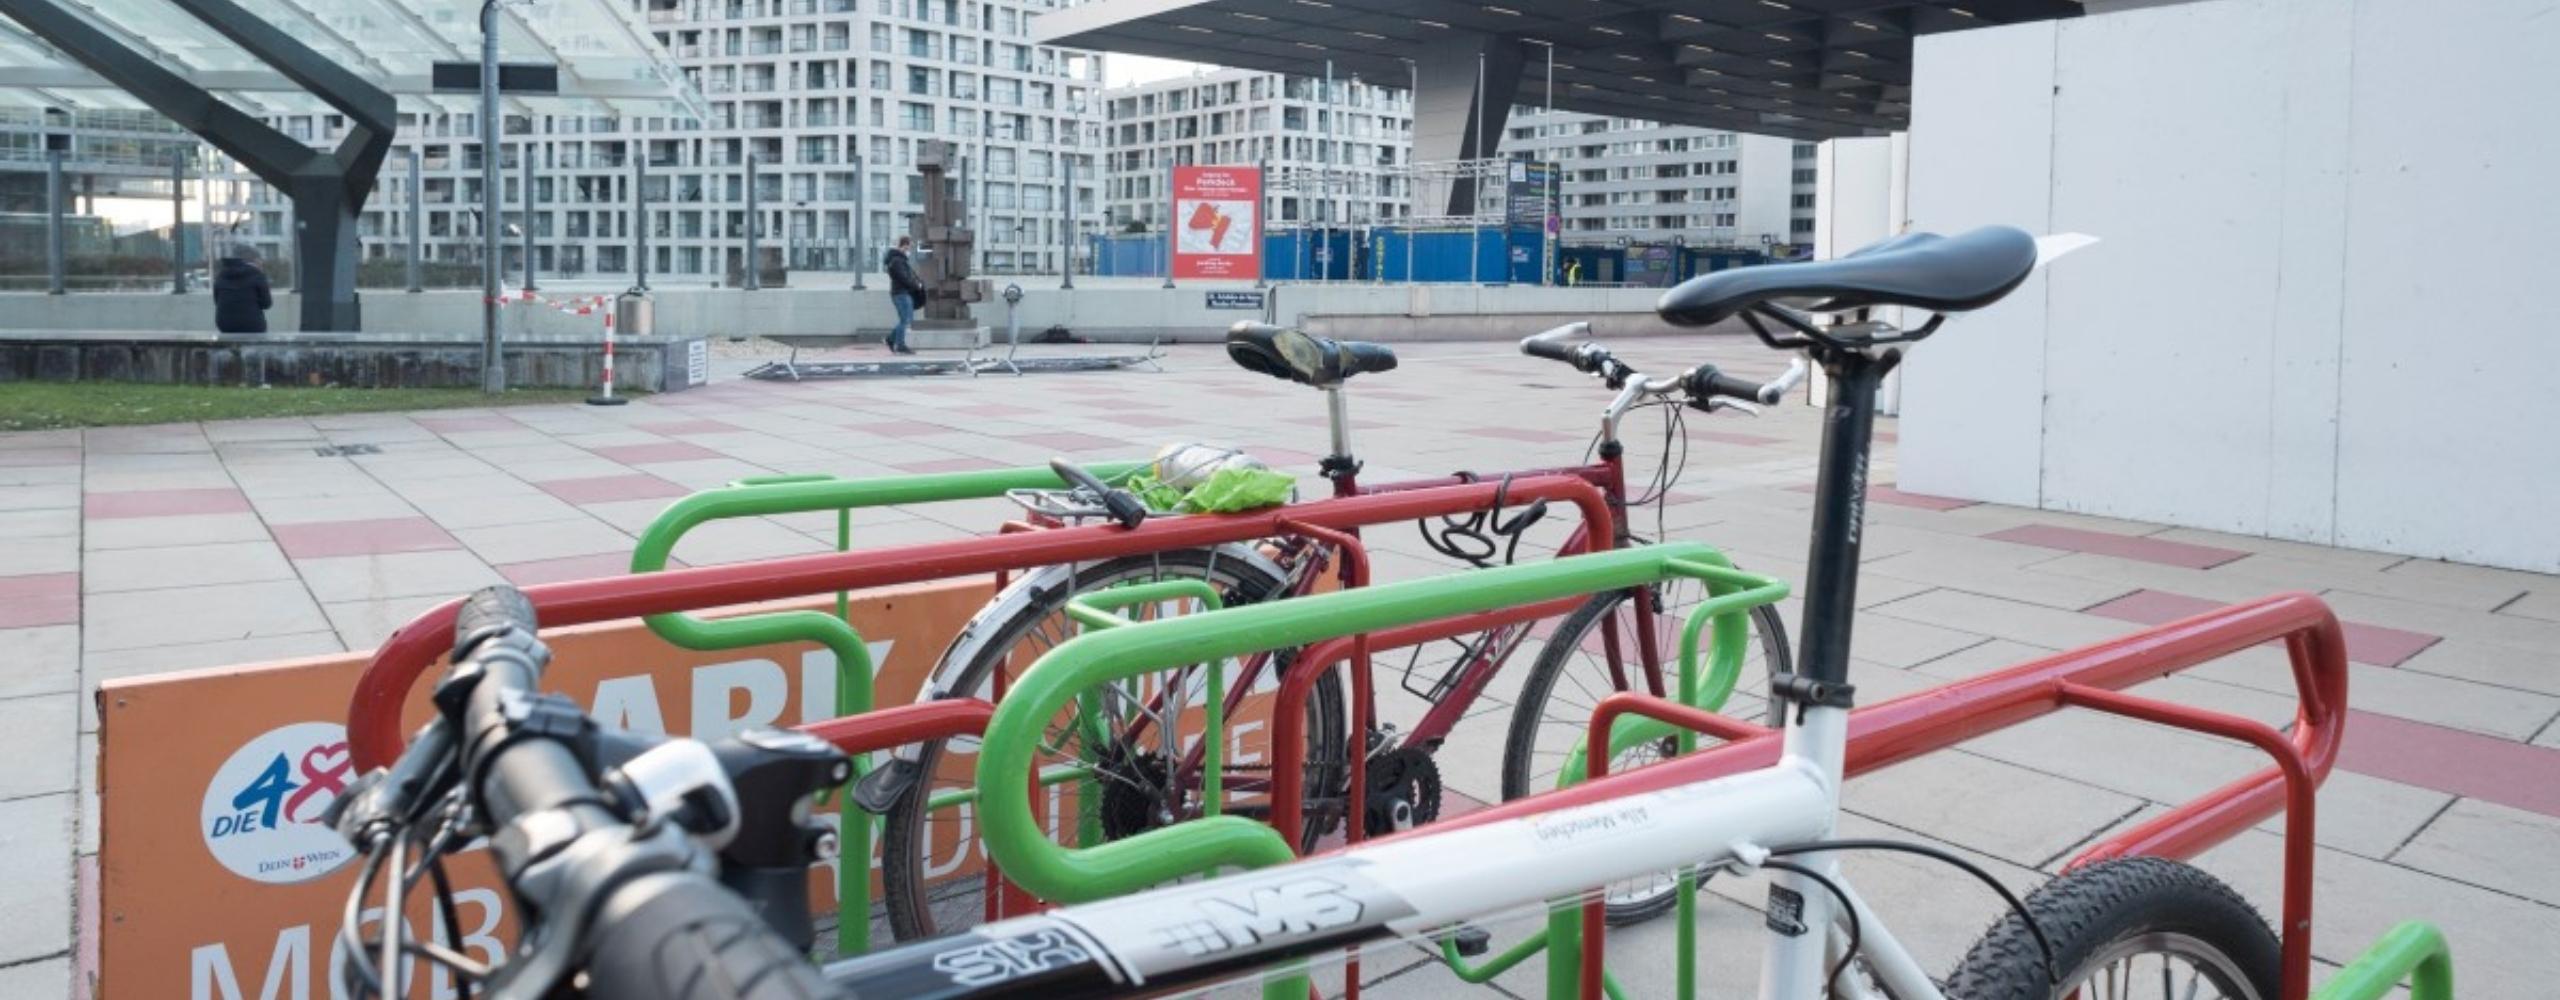 Mobiler Radständer beim Austria Center während der Covid-Tests